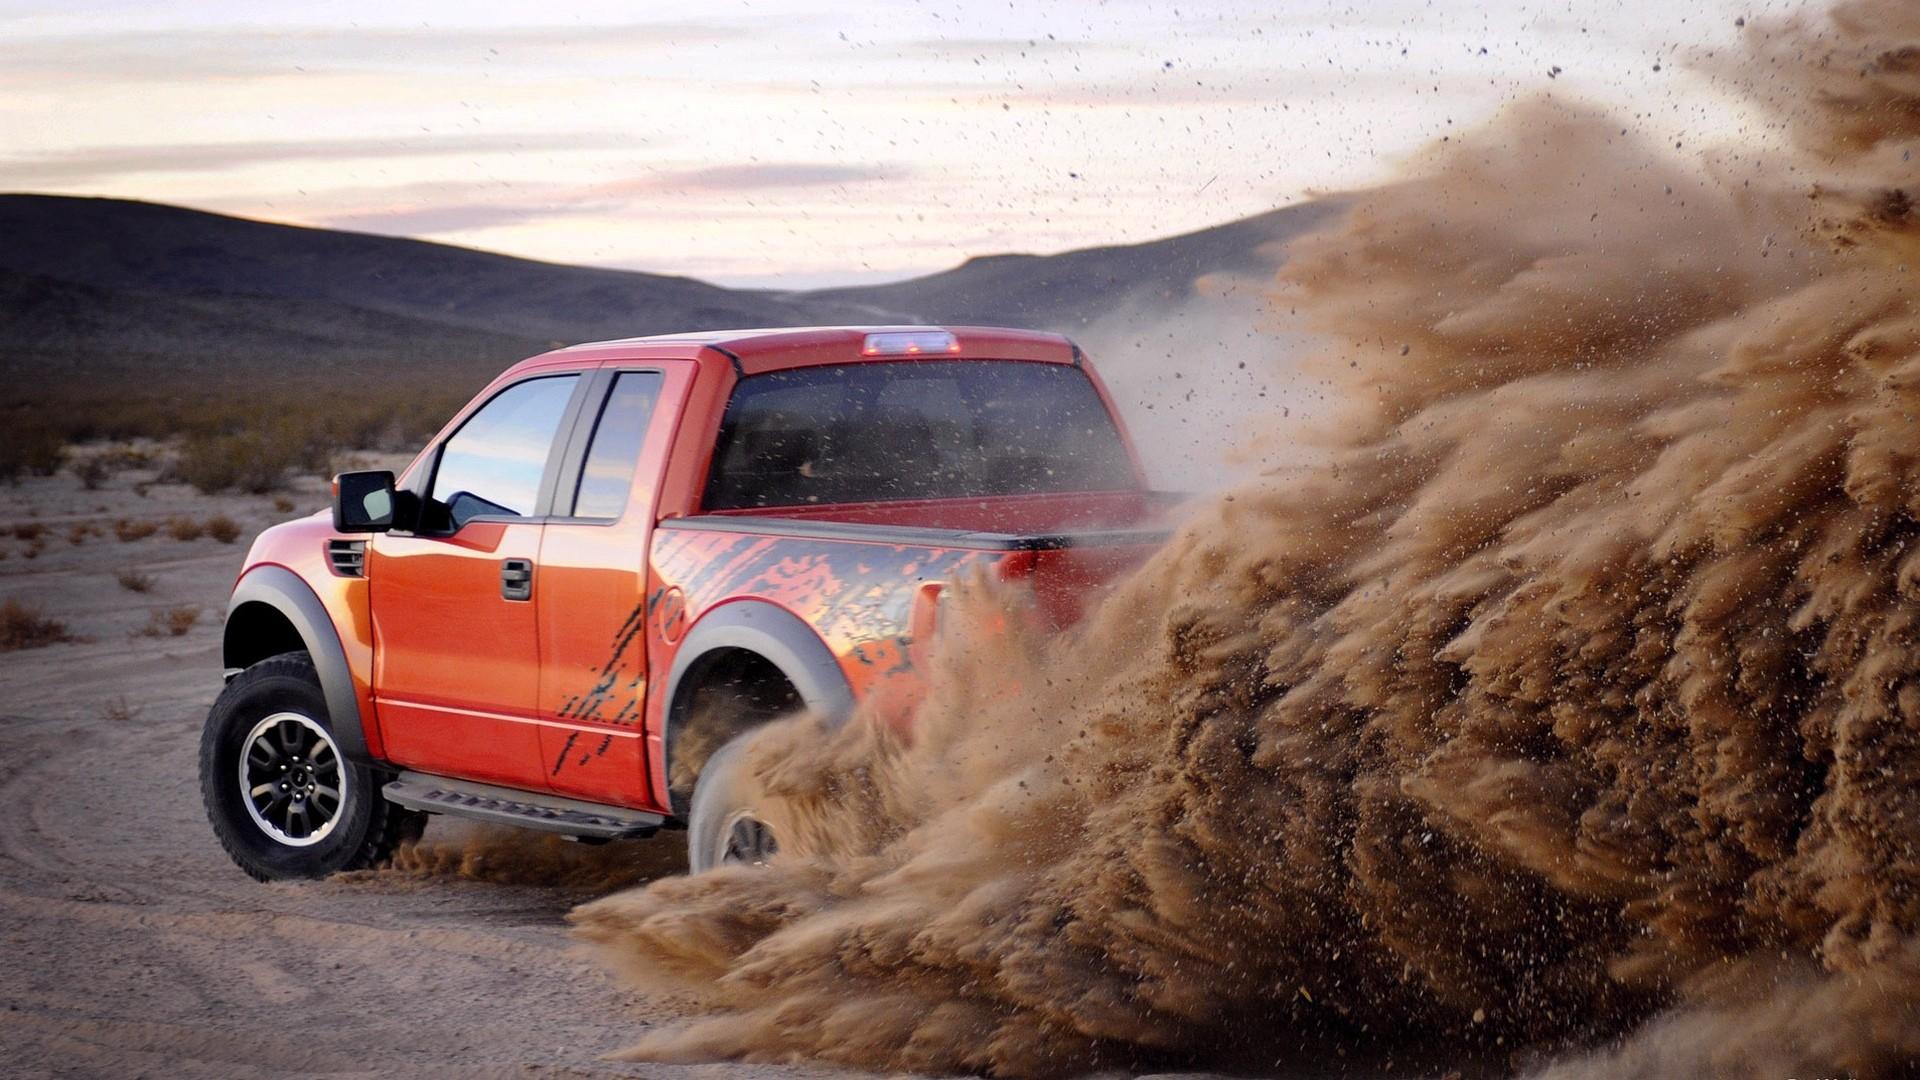 Ford Truck Wallpapers HD | PixelsTalk Net